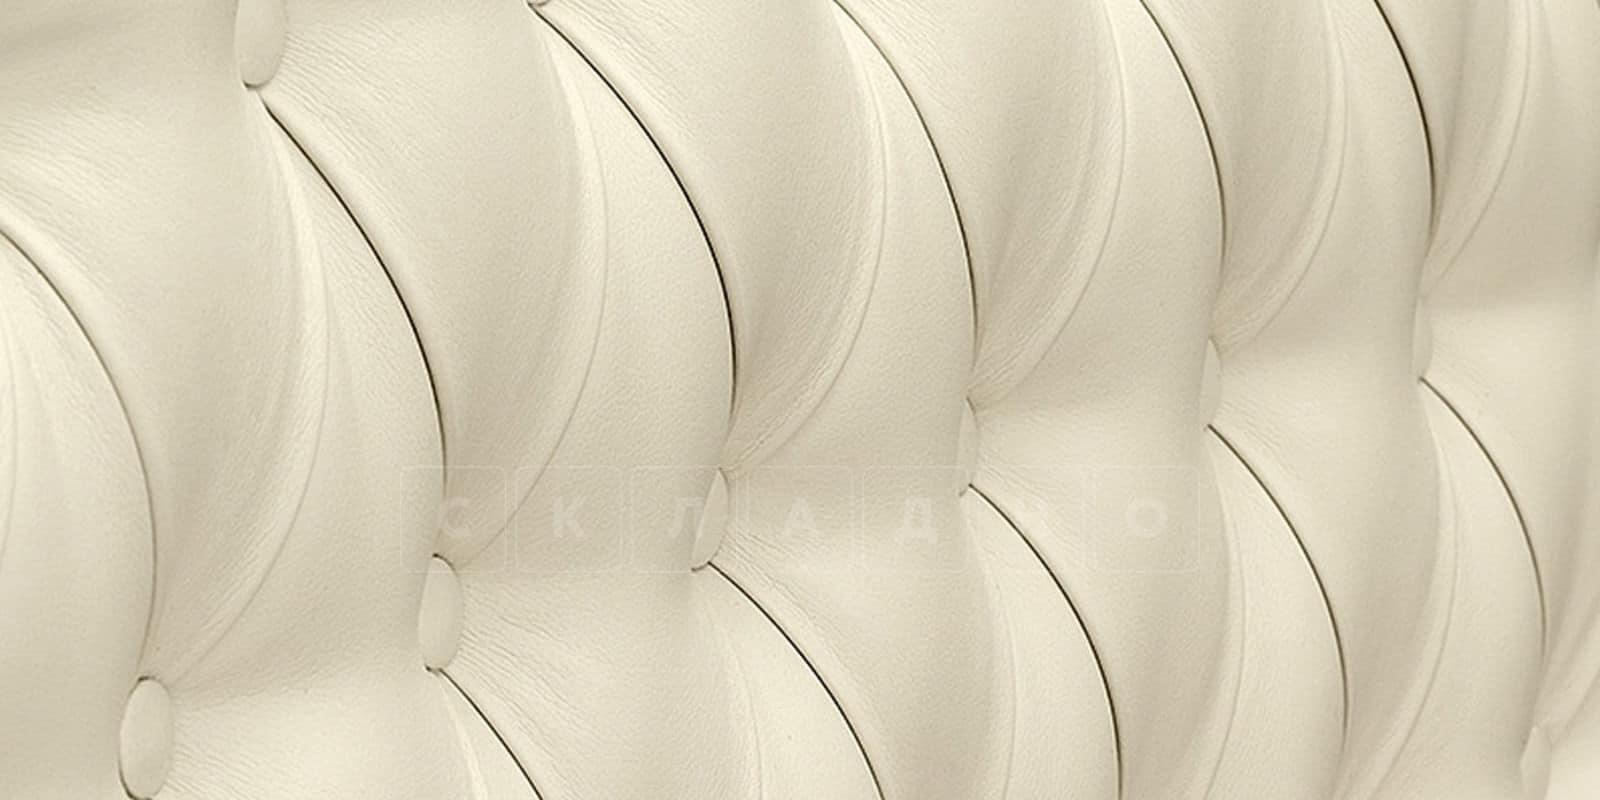 Мягкая кровать Вирджиния 160см экокожа молочного цвета фото 8 | интернет-магазин Складно